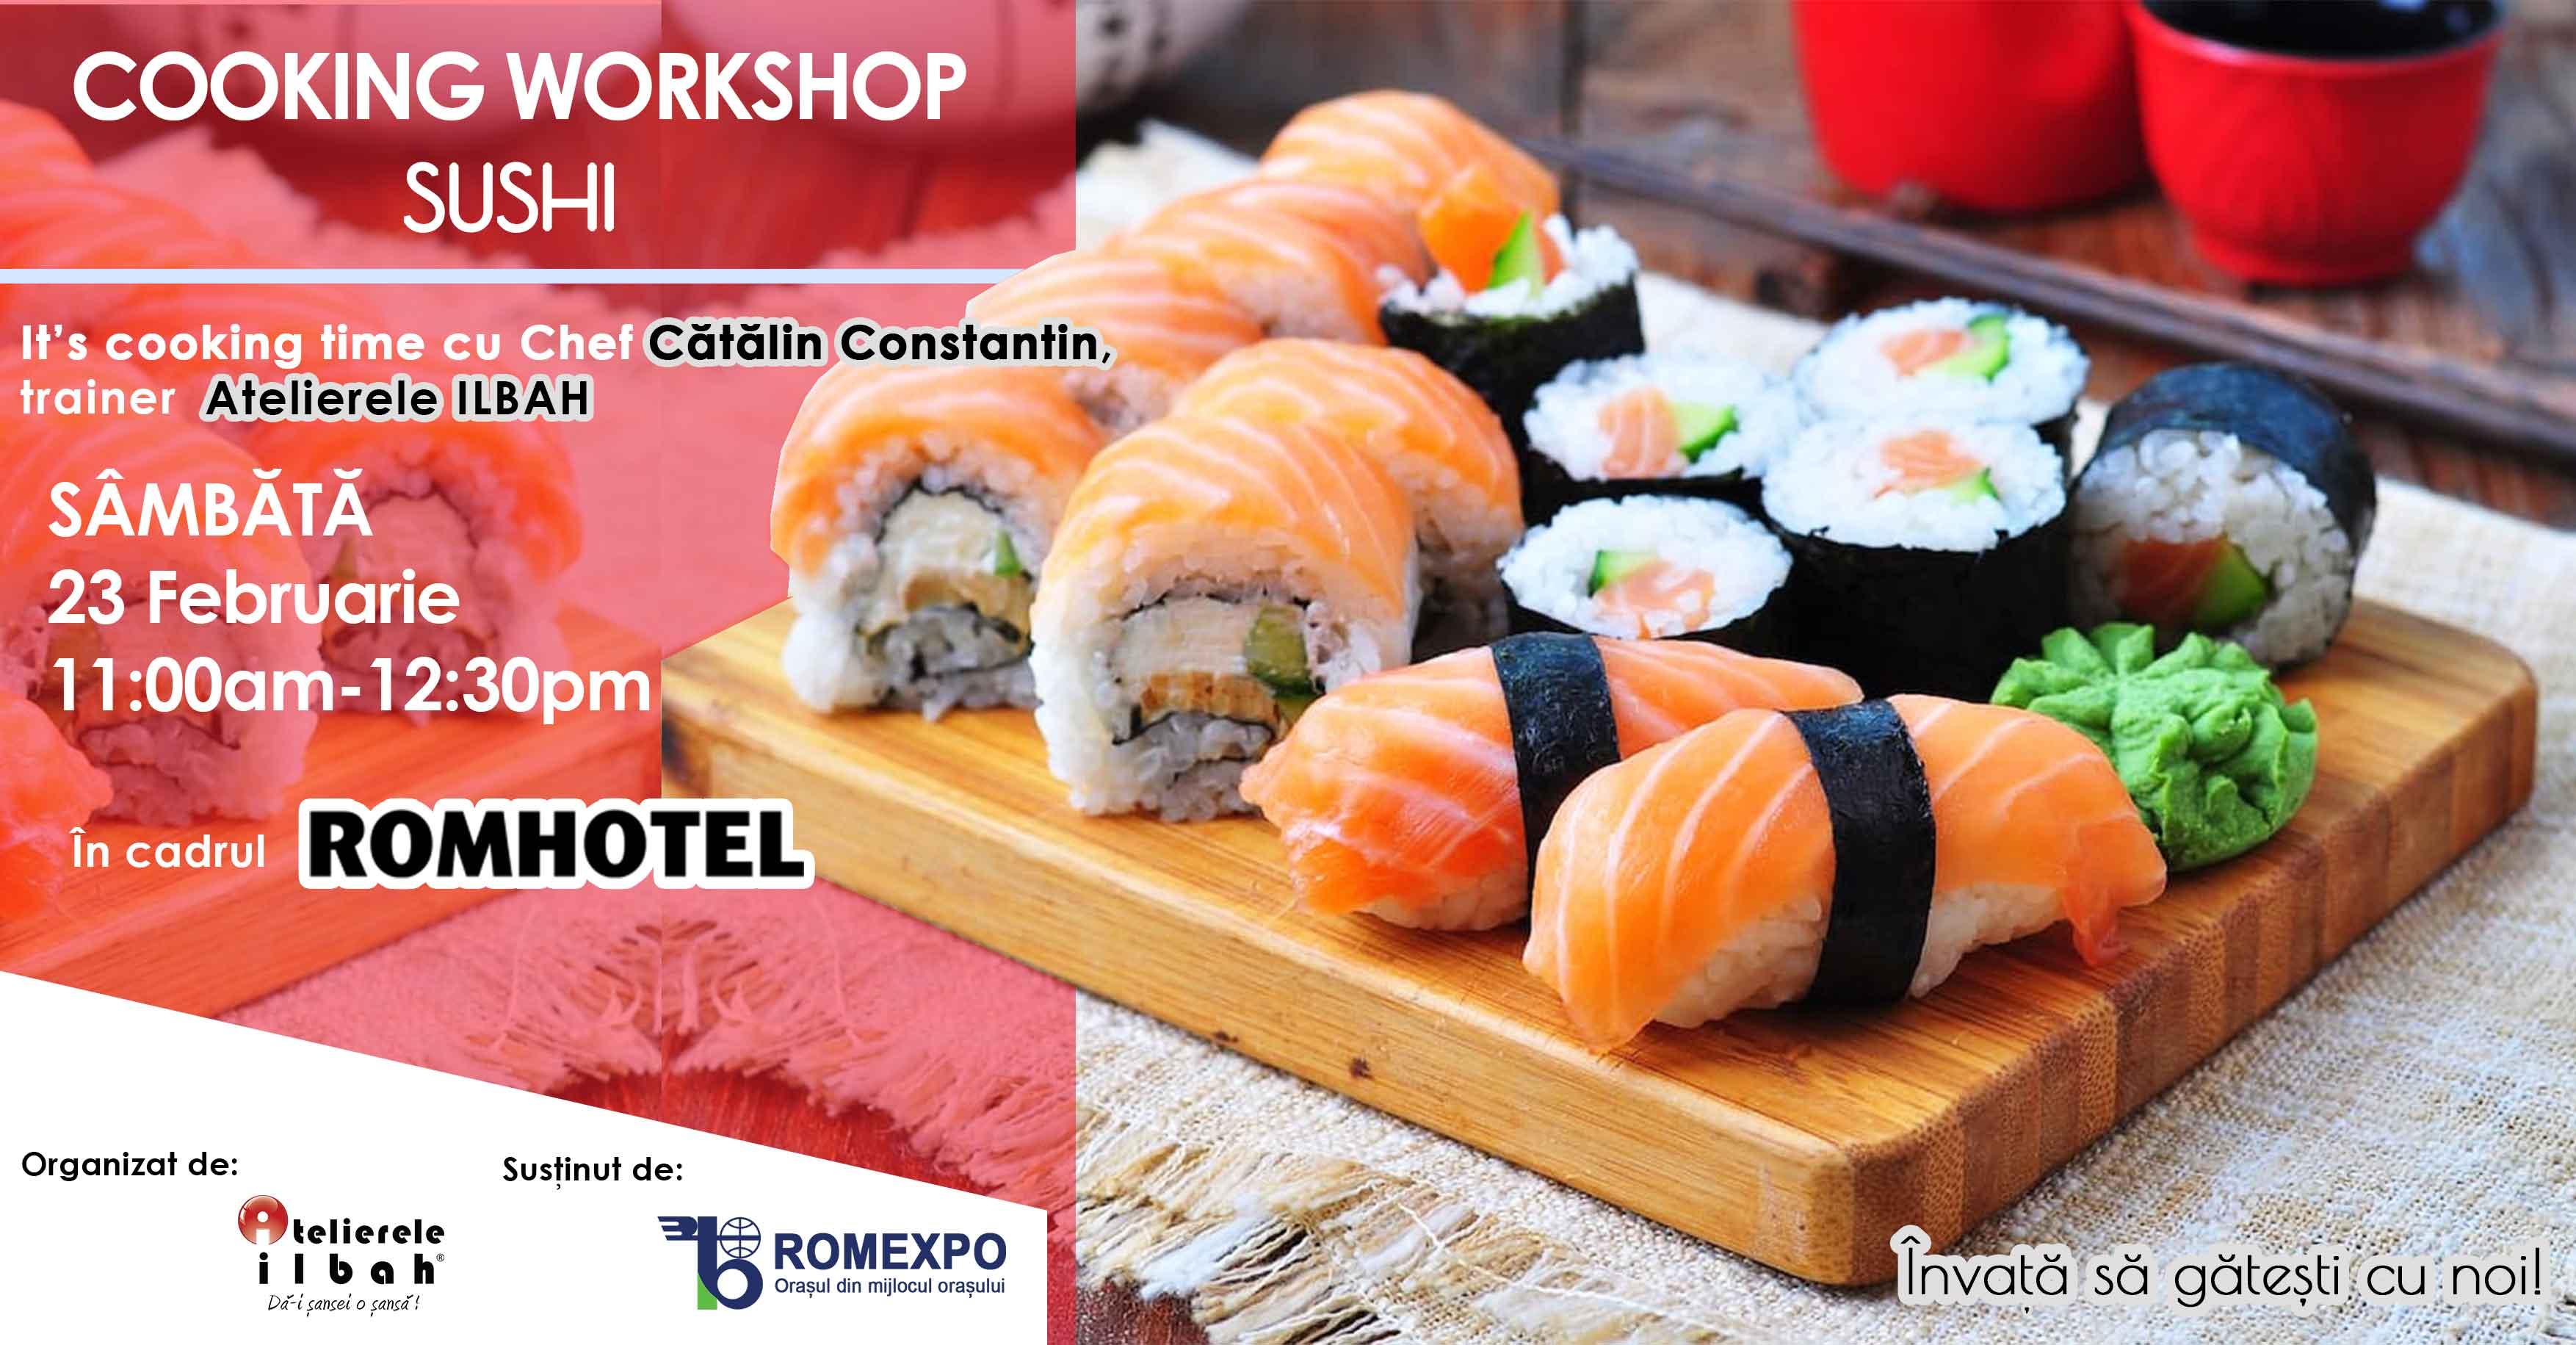 nu-rata-workshopurile-de-cooking-organizate-de-atelierele-ilbah-in-cadrul-romhotel-2019-5